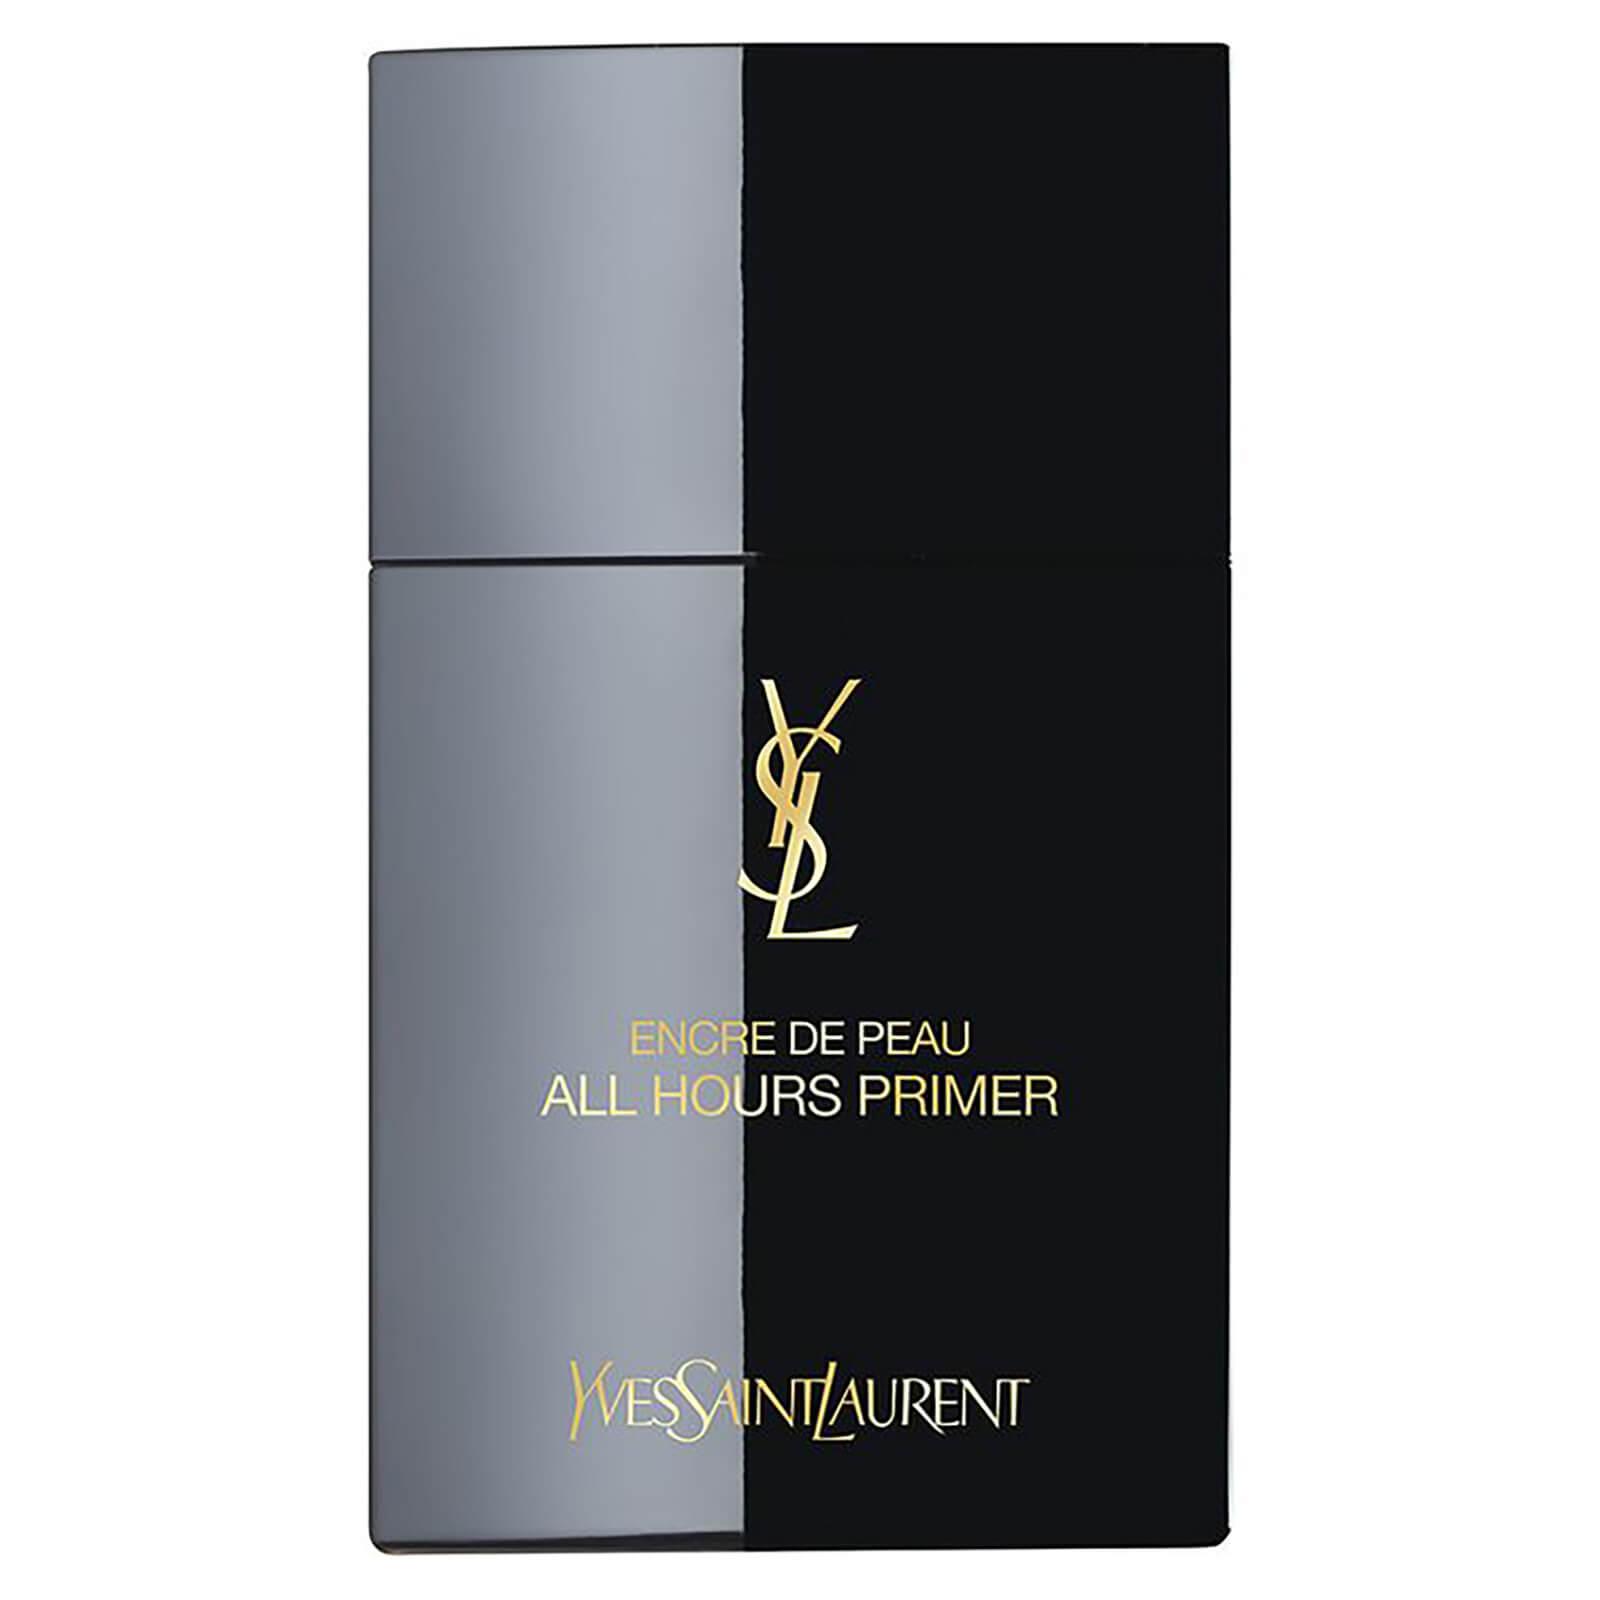 YSL Encre de peau « All Hours Primer » Yves Saint Laurent 40 ml